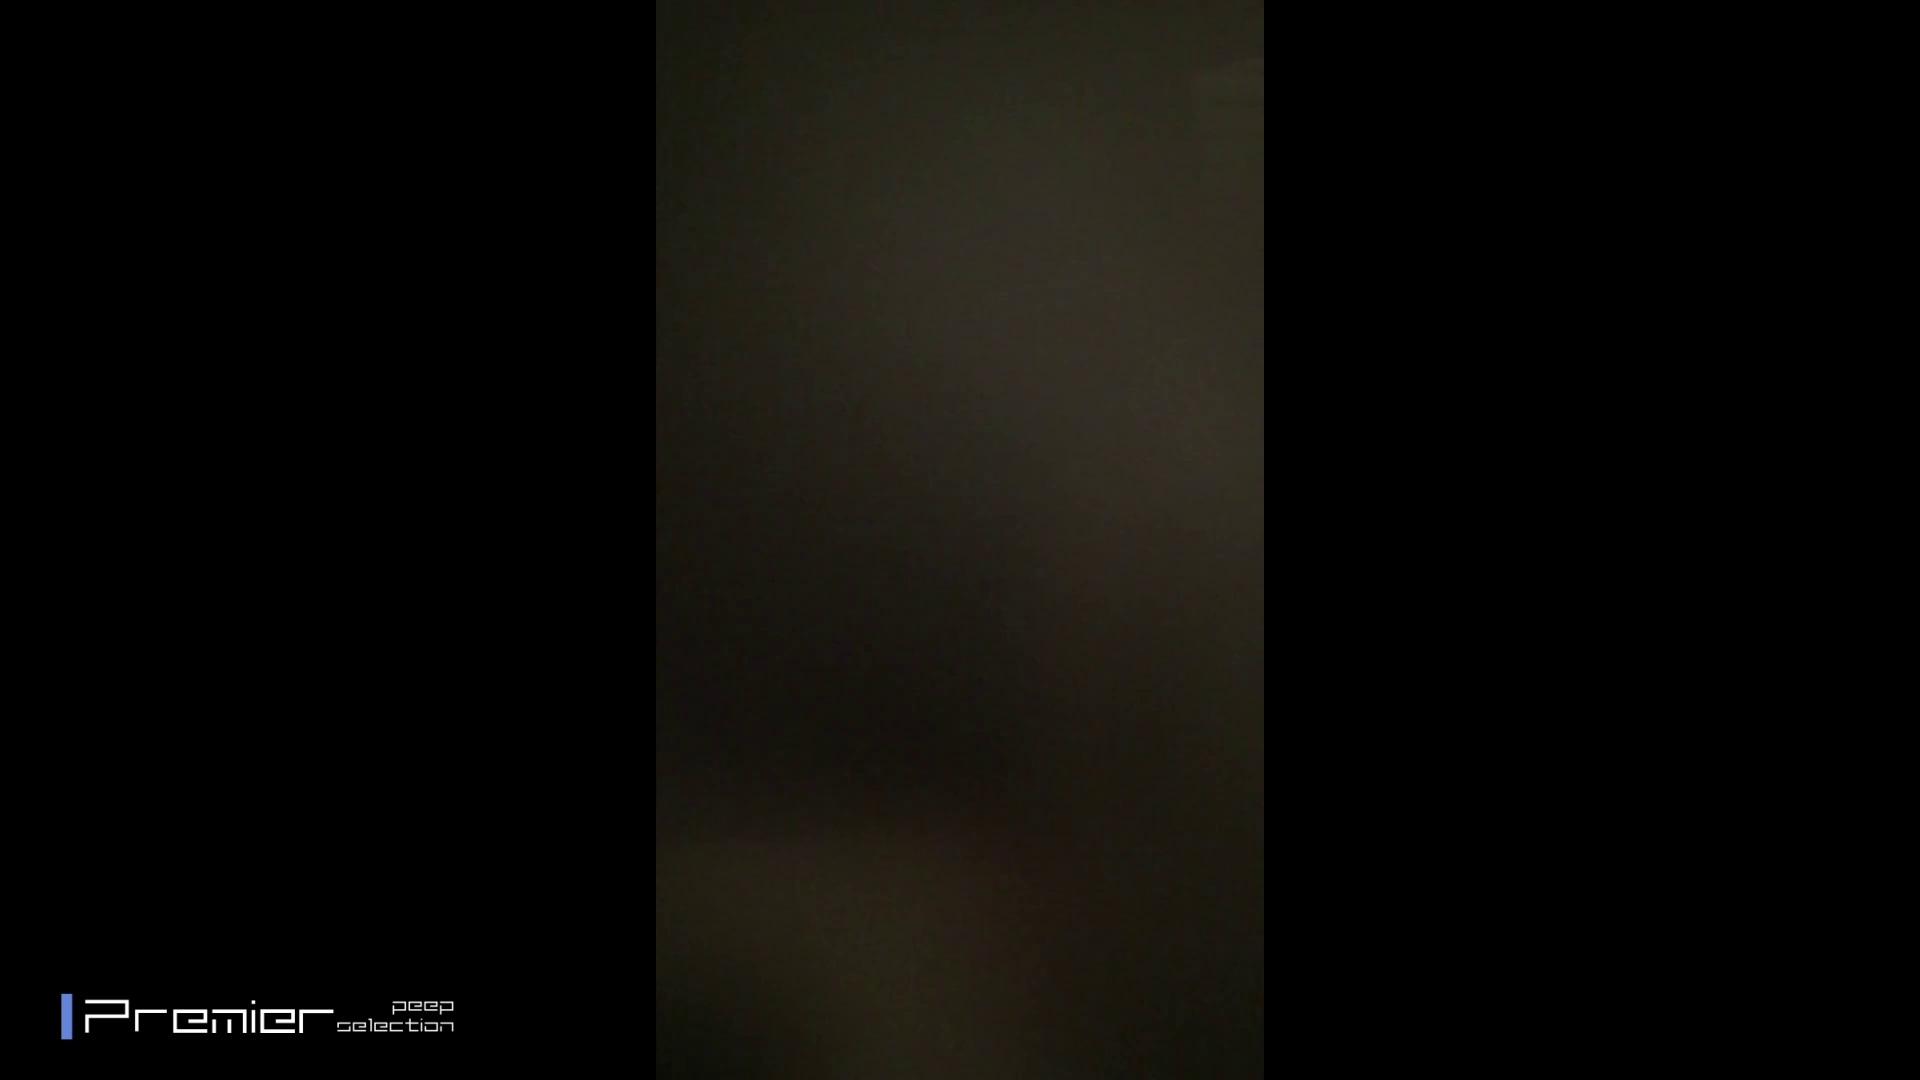 ★永久保存版★全員バレ!大迫力入浴シーン 美女達の私生活に潜入! 美女ハメ撮り  101Pix 49